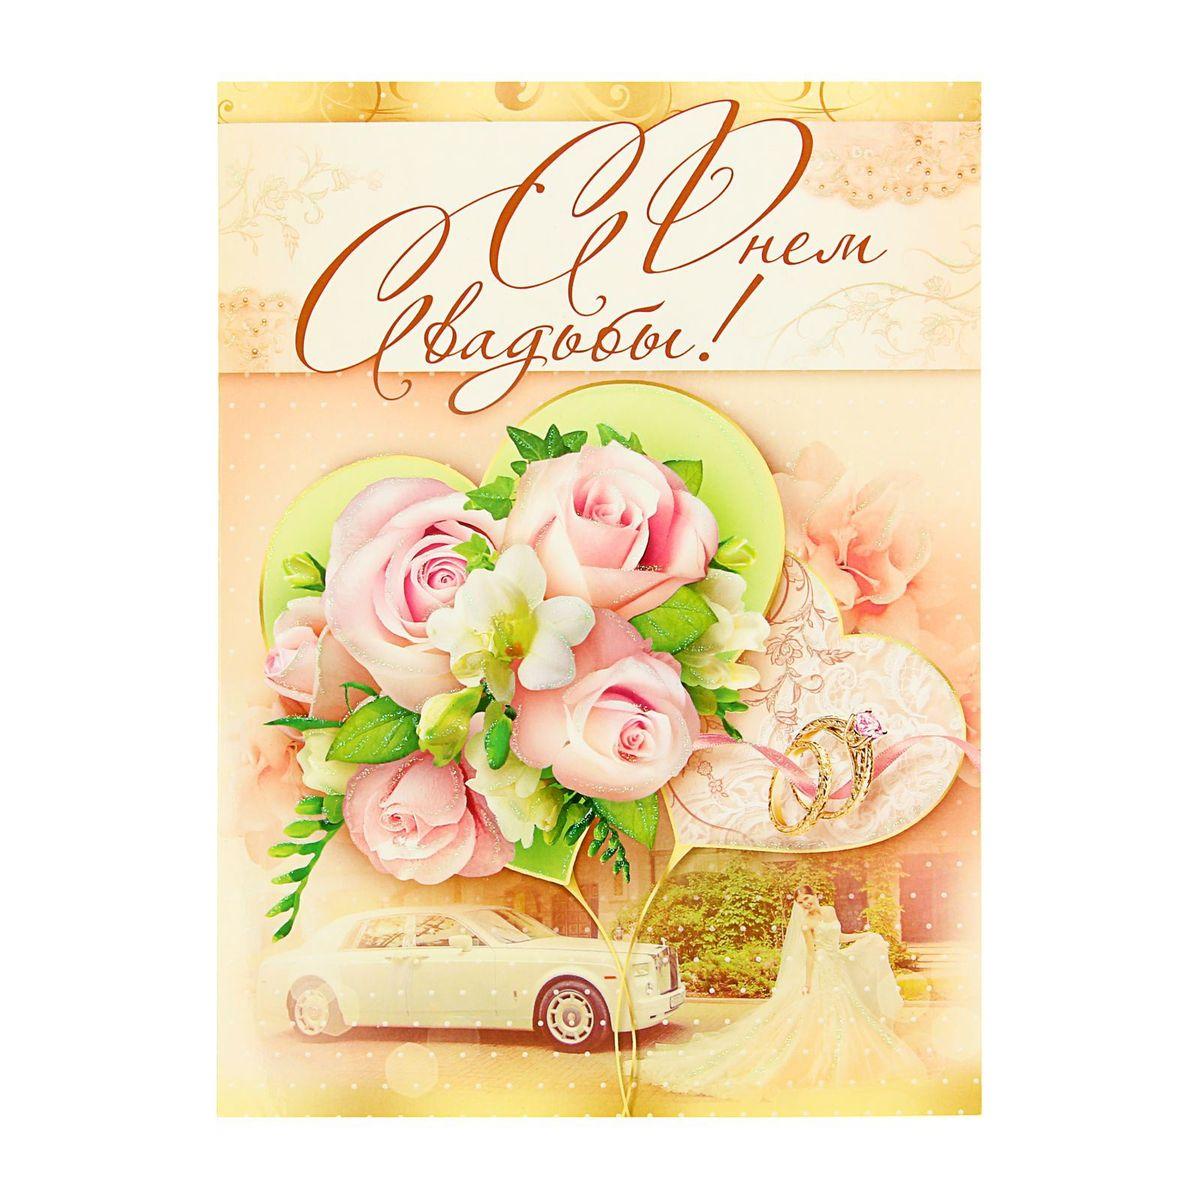 Открытка Эдельвейс С днем свадьбы!. 1180289Брелок для ключейЕсли вы хотите порадовать себя или близких, создатьпраздничное настроение и с улыбкой провести памятный день,то вы, несомненно, сделали правильный выбор! Открытка Эдельвейс С днем свадьбы!, выполненная из плотной бумаги, отличается не только оригинальным дизайном, но и высоким качеством.